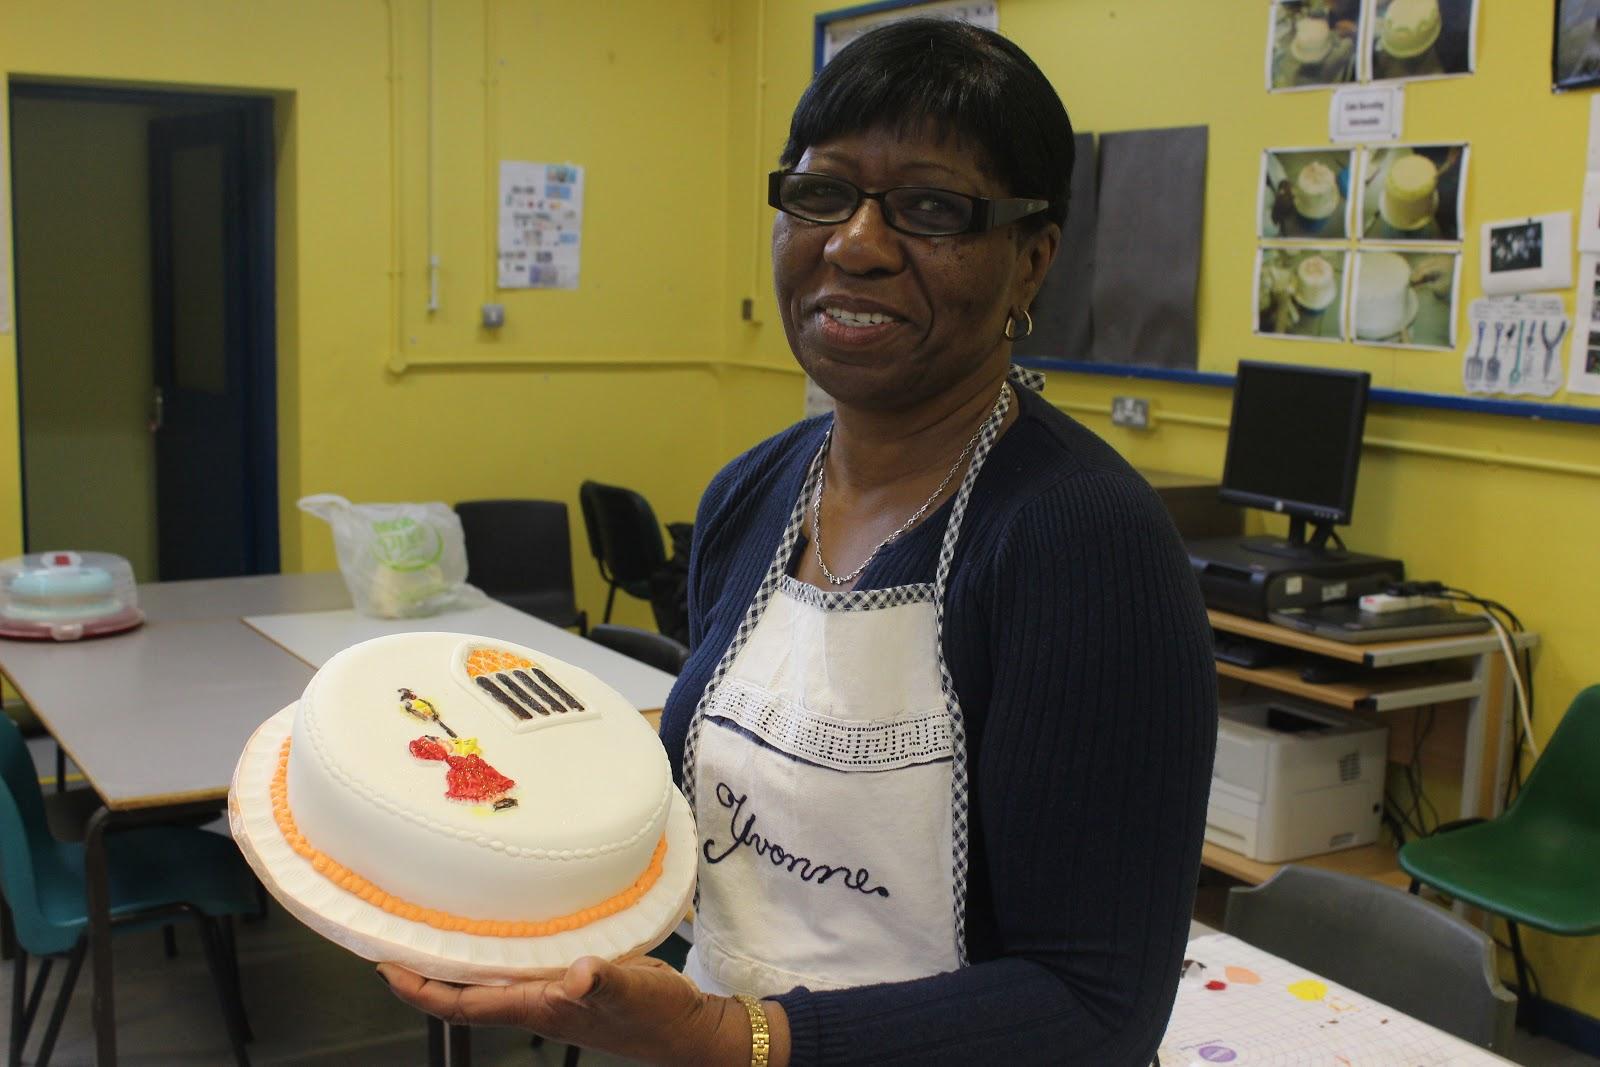 Cake Decorating Course Croydon : Flour Power Cake Journey: Basic cake decorating with a ...